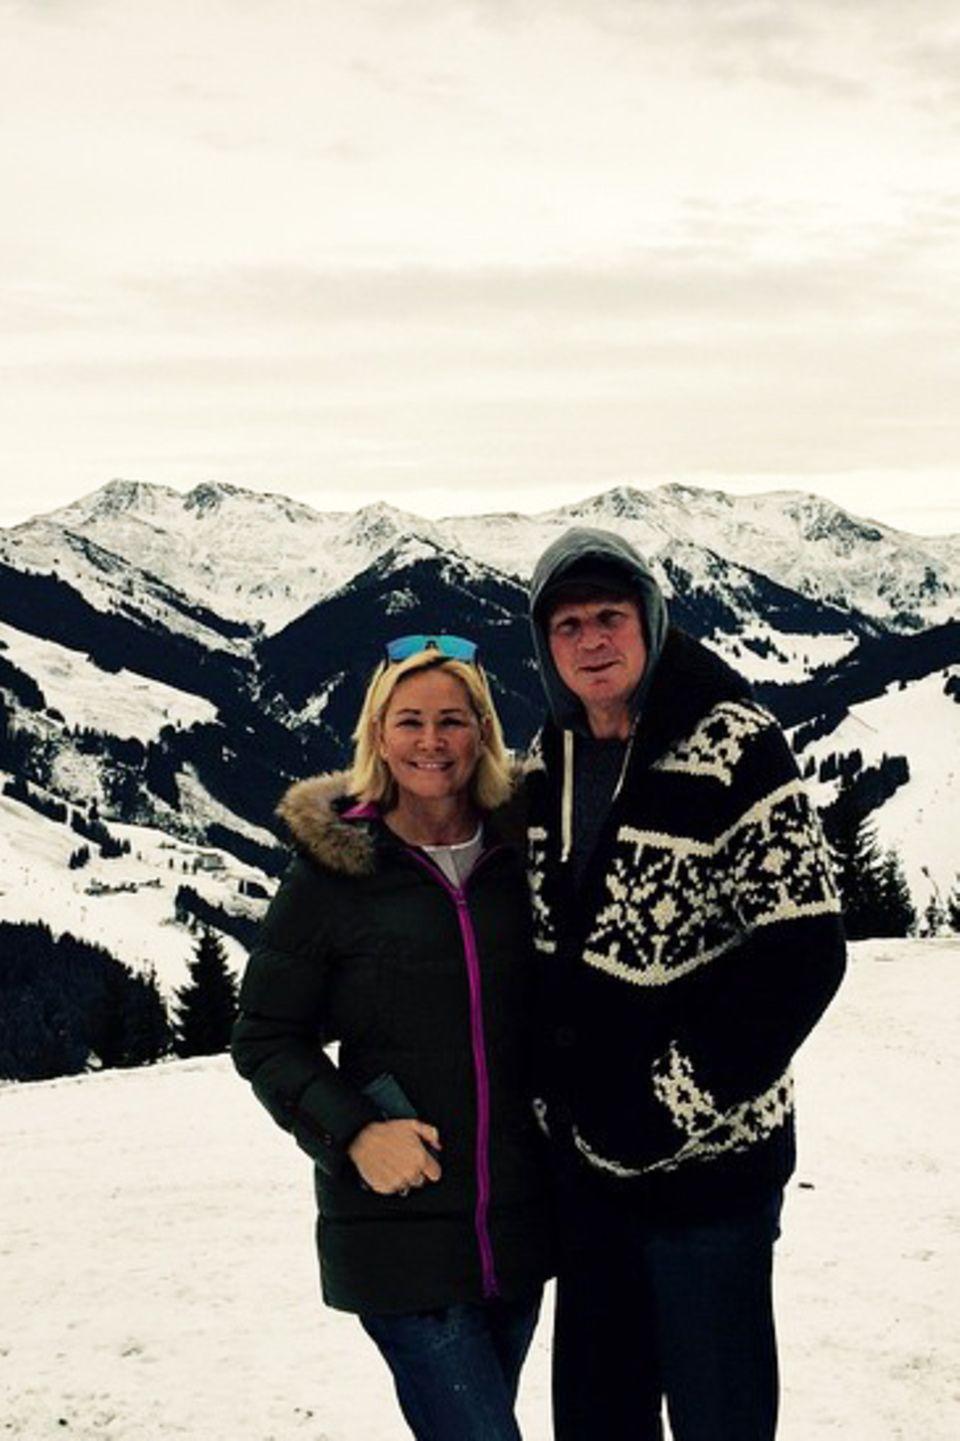 """Claudia und Stefan Effenberg machen Liebesurlaub im Schnee. Zusammen mit Freunden besuchen sie das Hotel """"Alpin Juwel"""" in Hinterglemm, Österreich."""